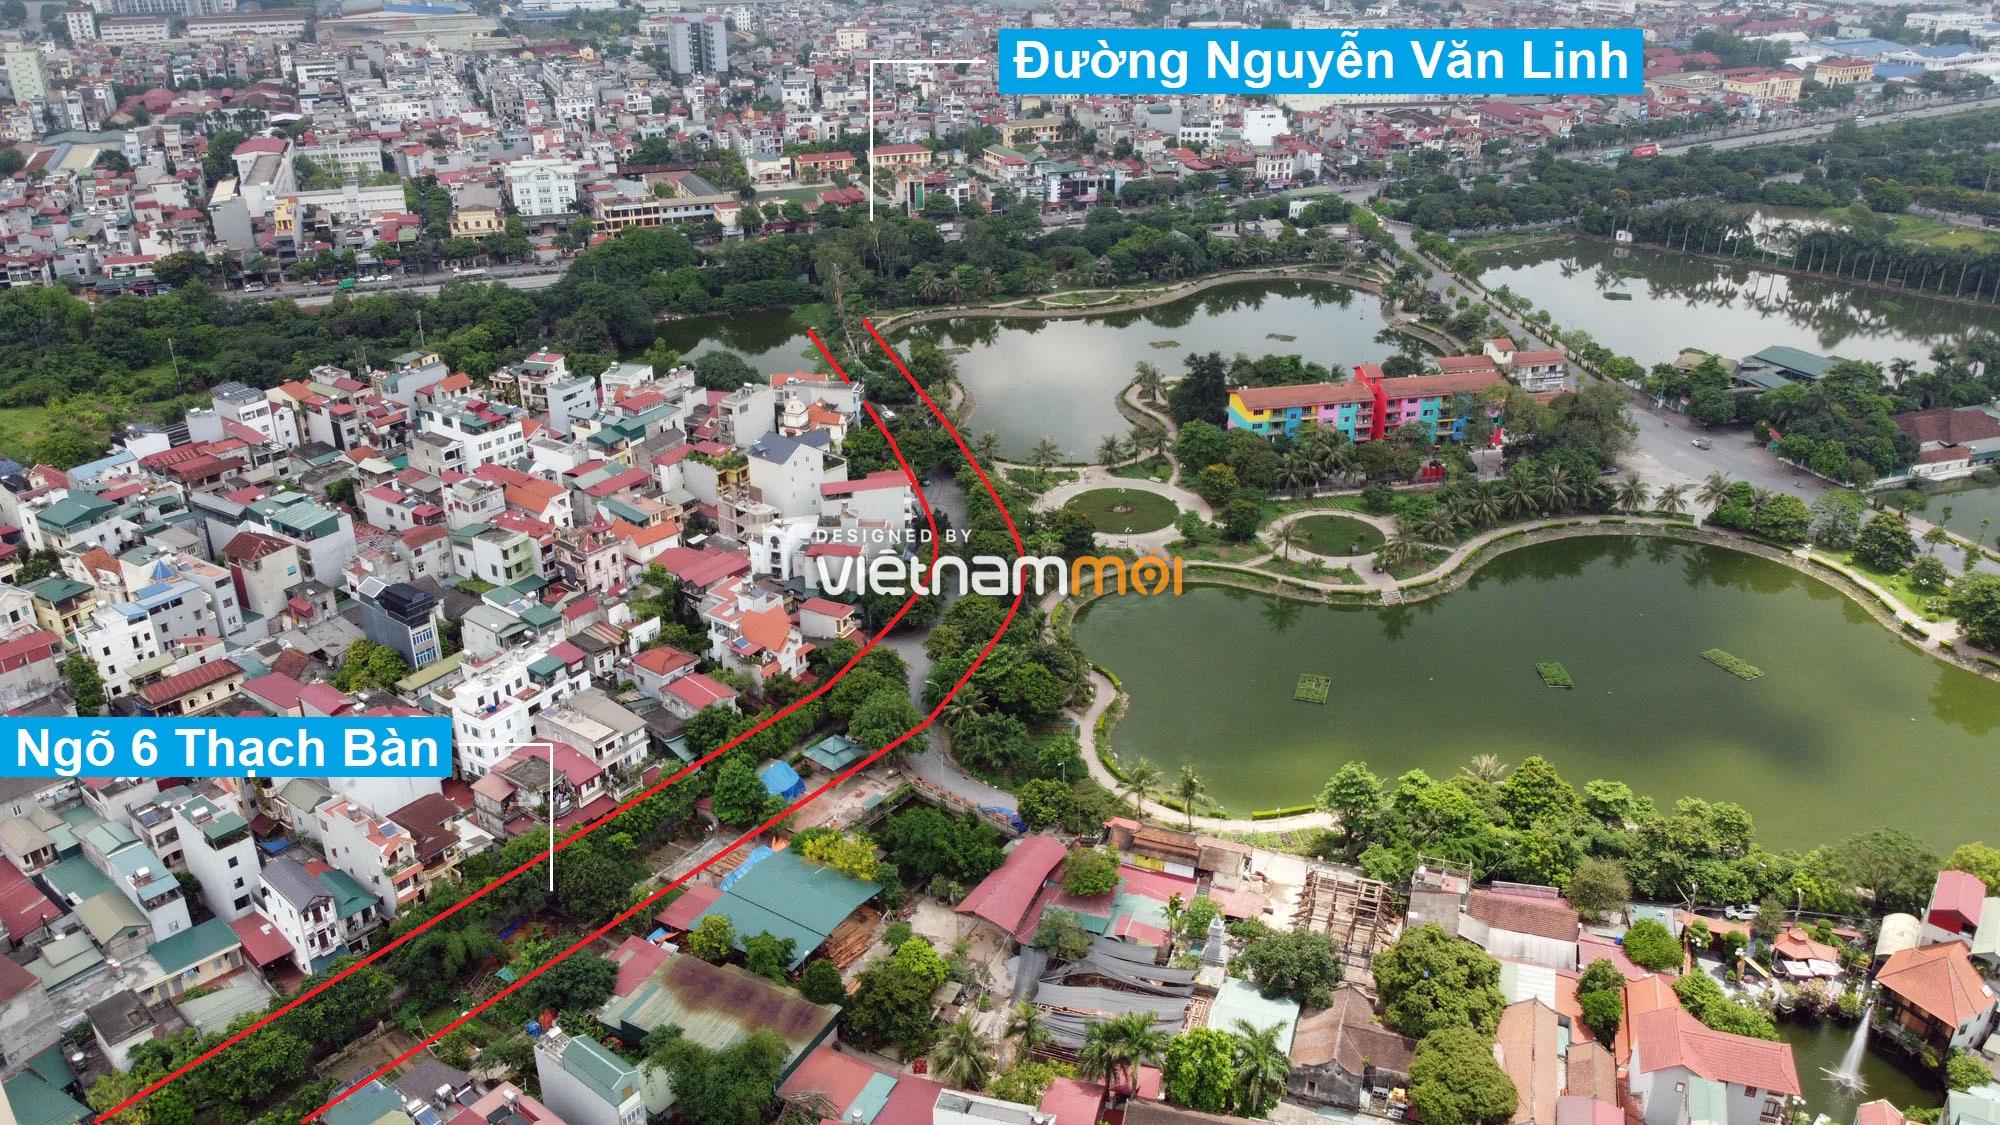 Đường sẽ mở theo quy hoạch ở phường Thạch Bàn, Long Biên, Hà Nội (phần 2) - Ảnh 7.